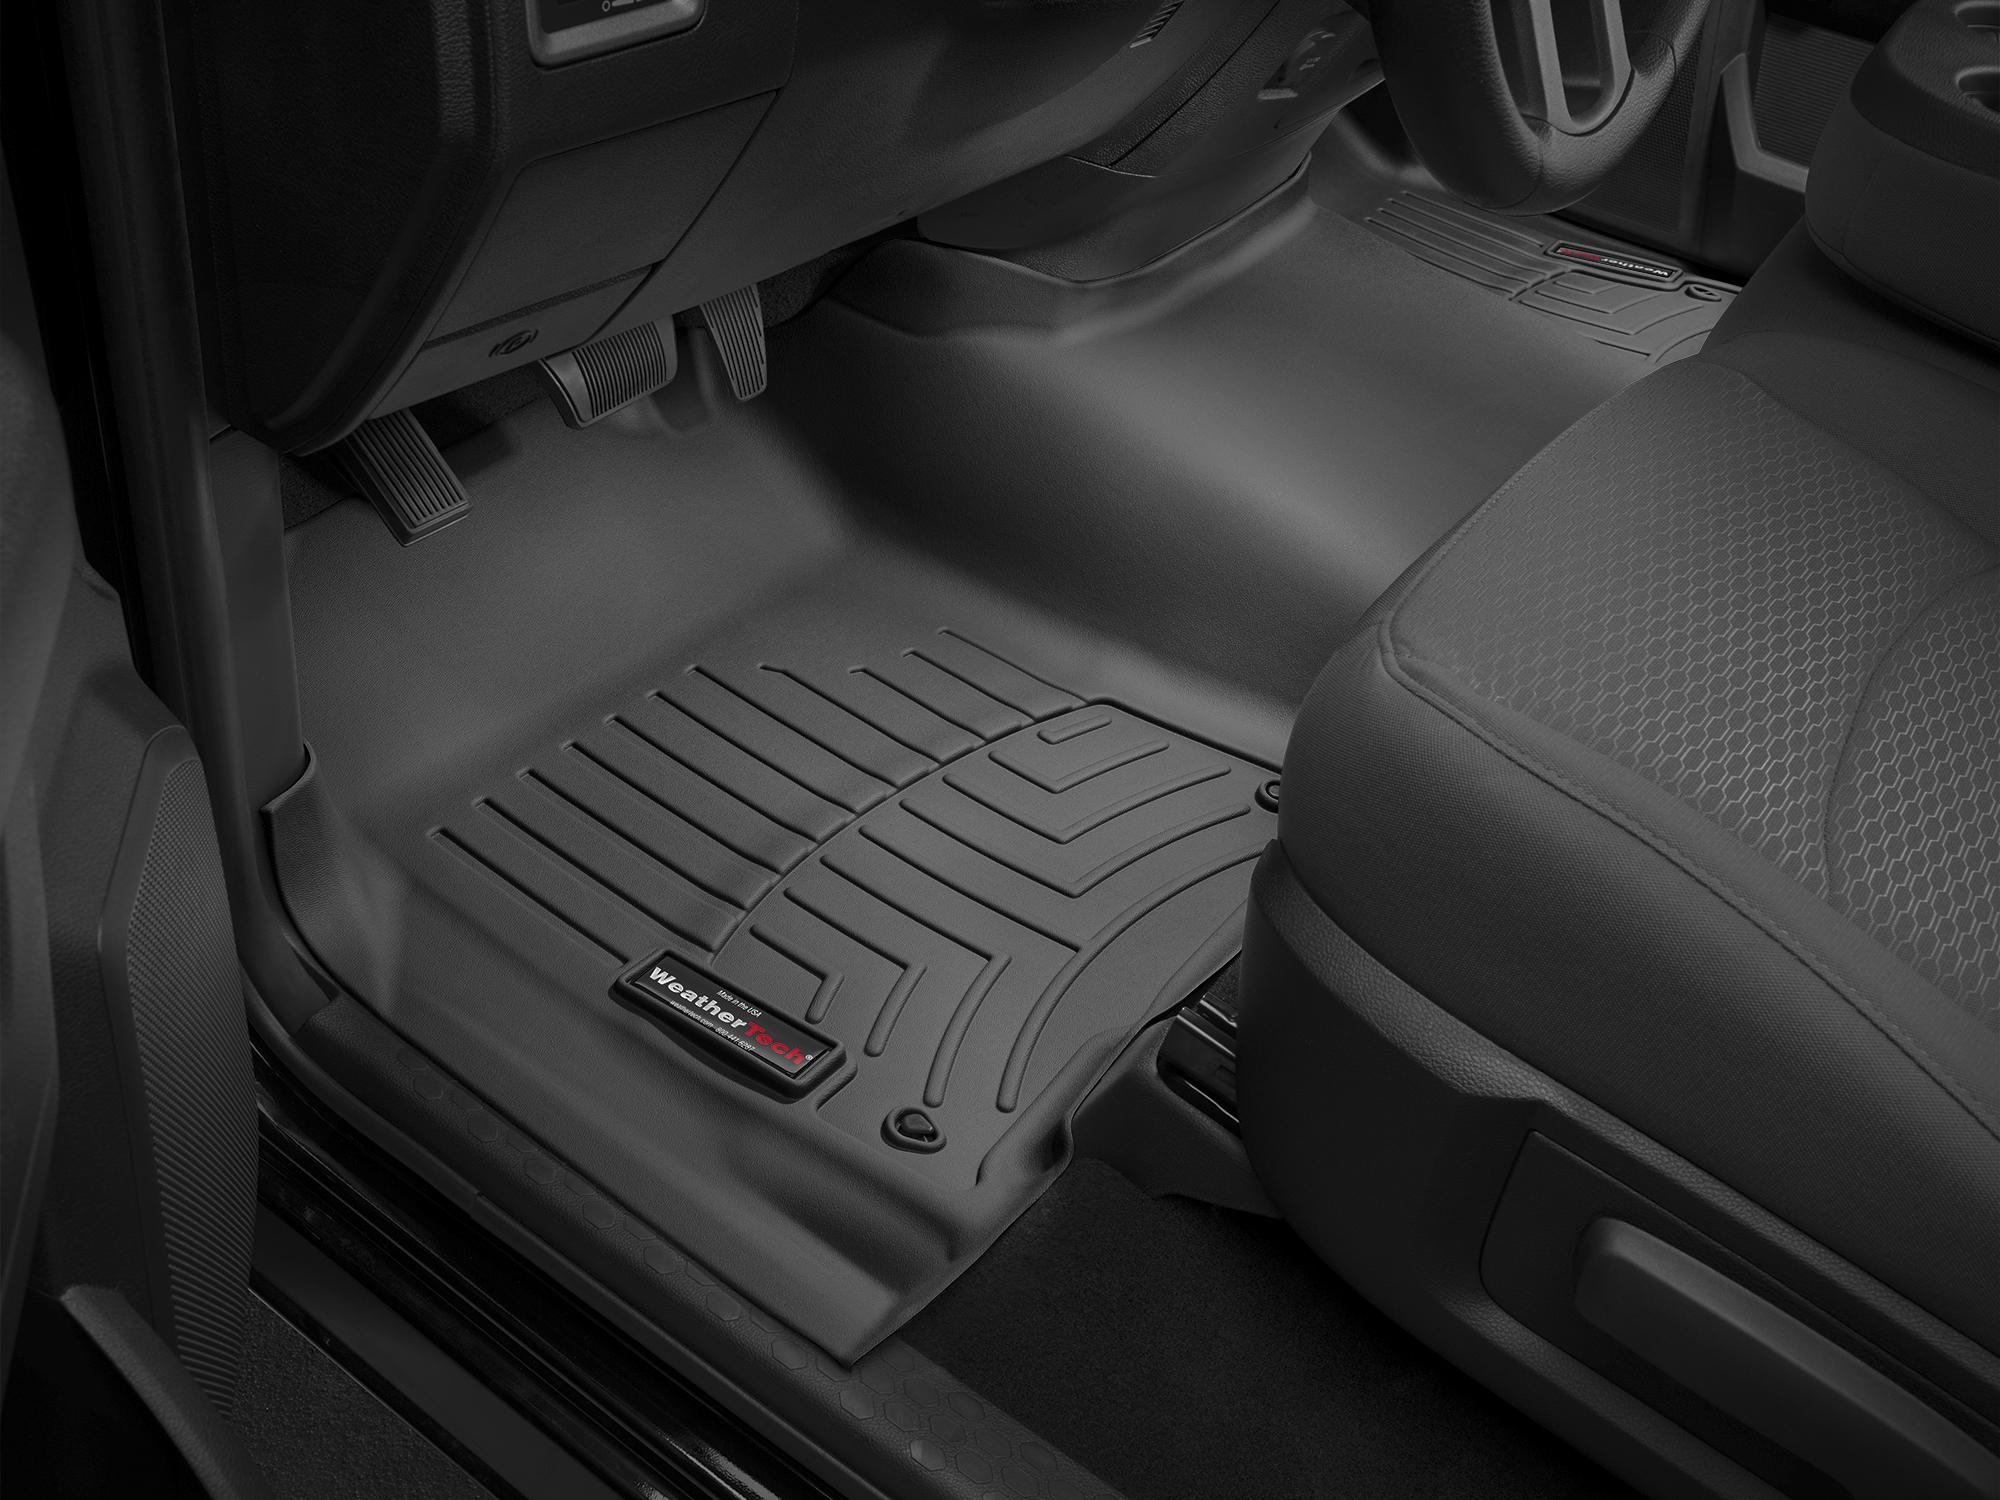 Tappeti gomma su misura bordo alto RAM Ram 2500/3500 12>12 Nero A3214